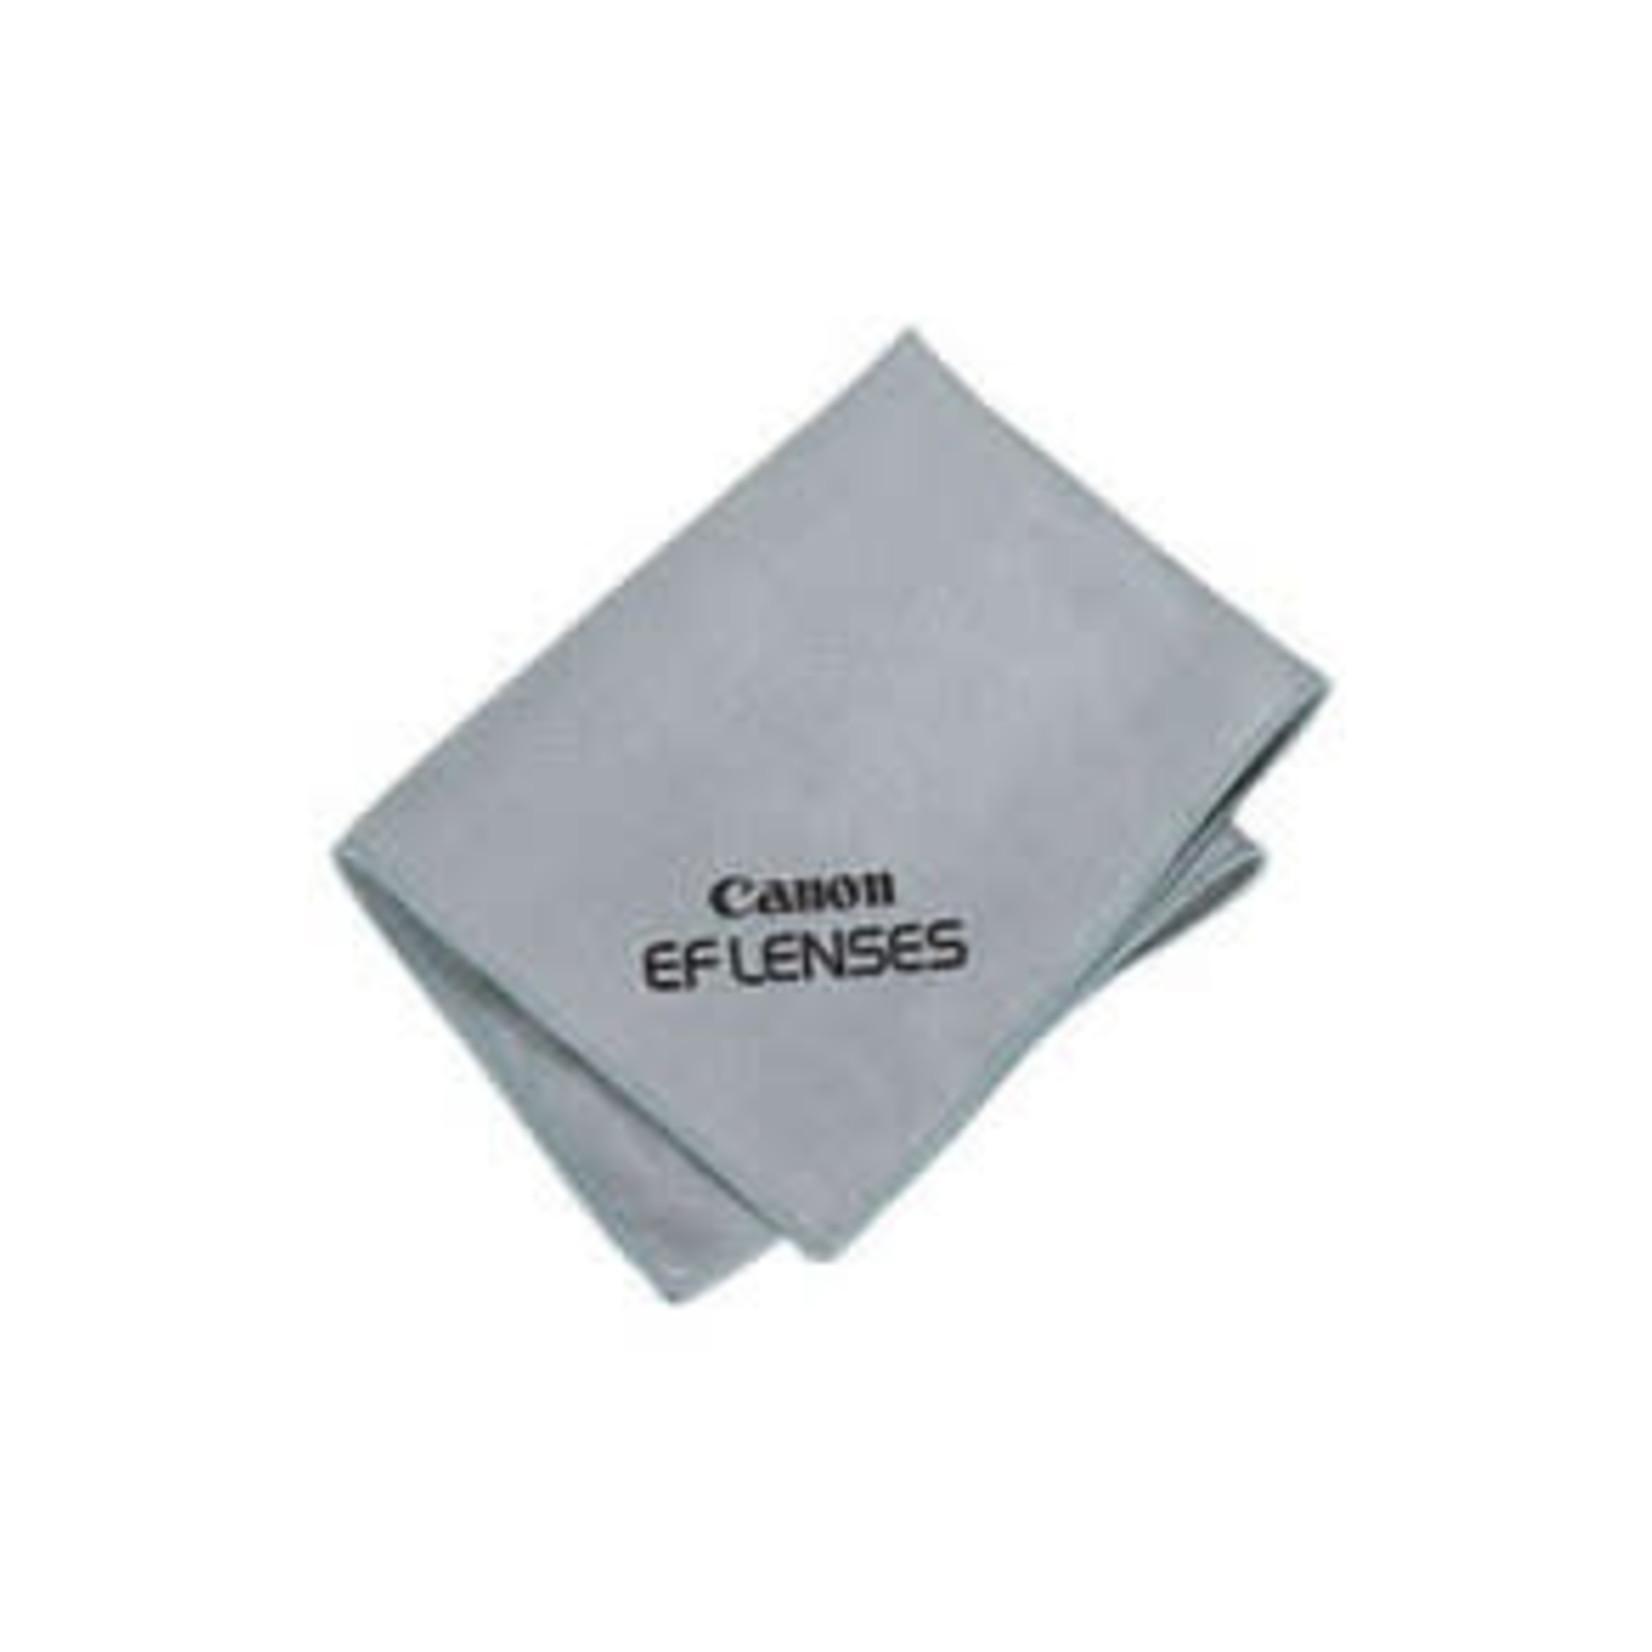 Canon Canon Lens Cloth